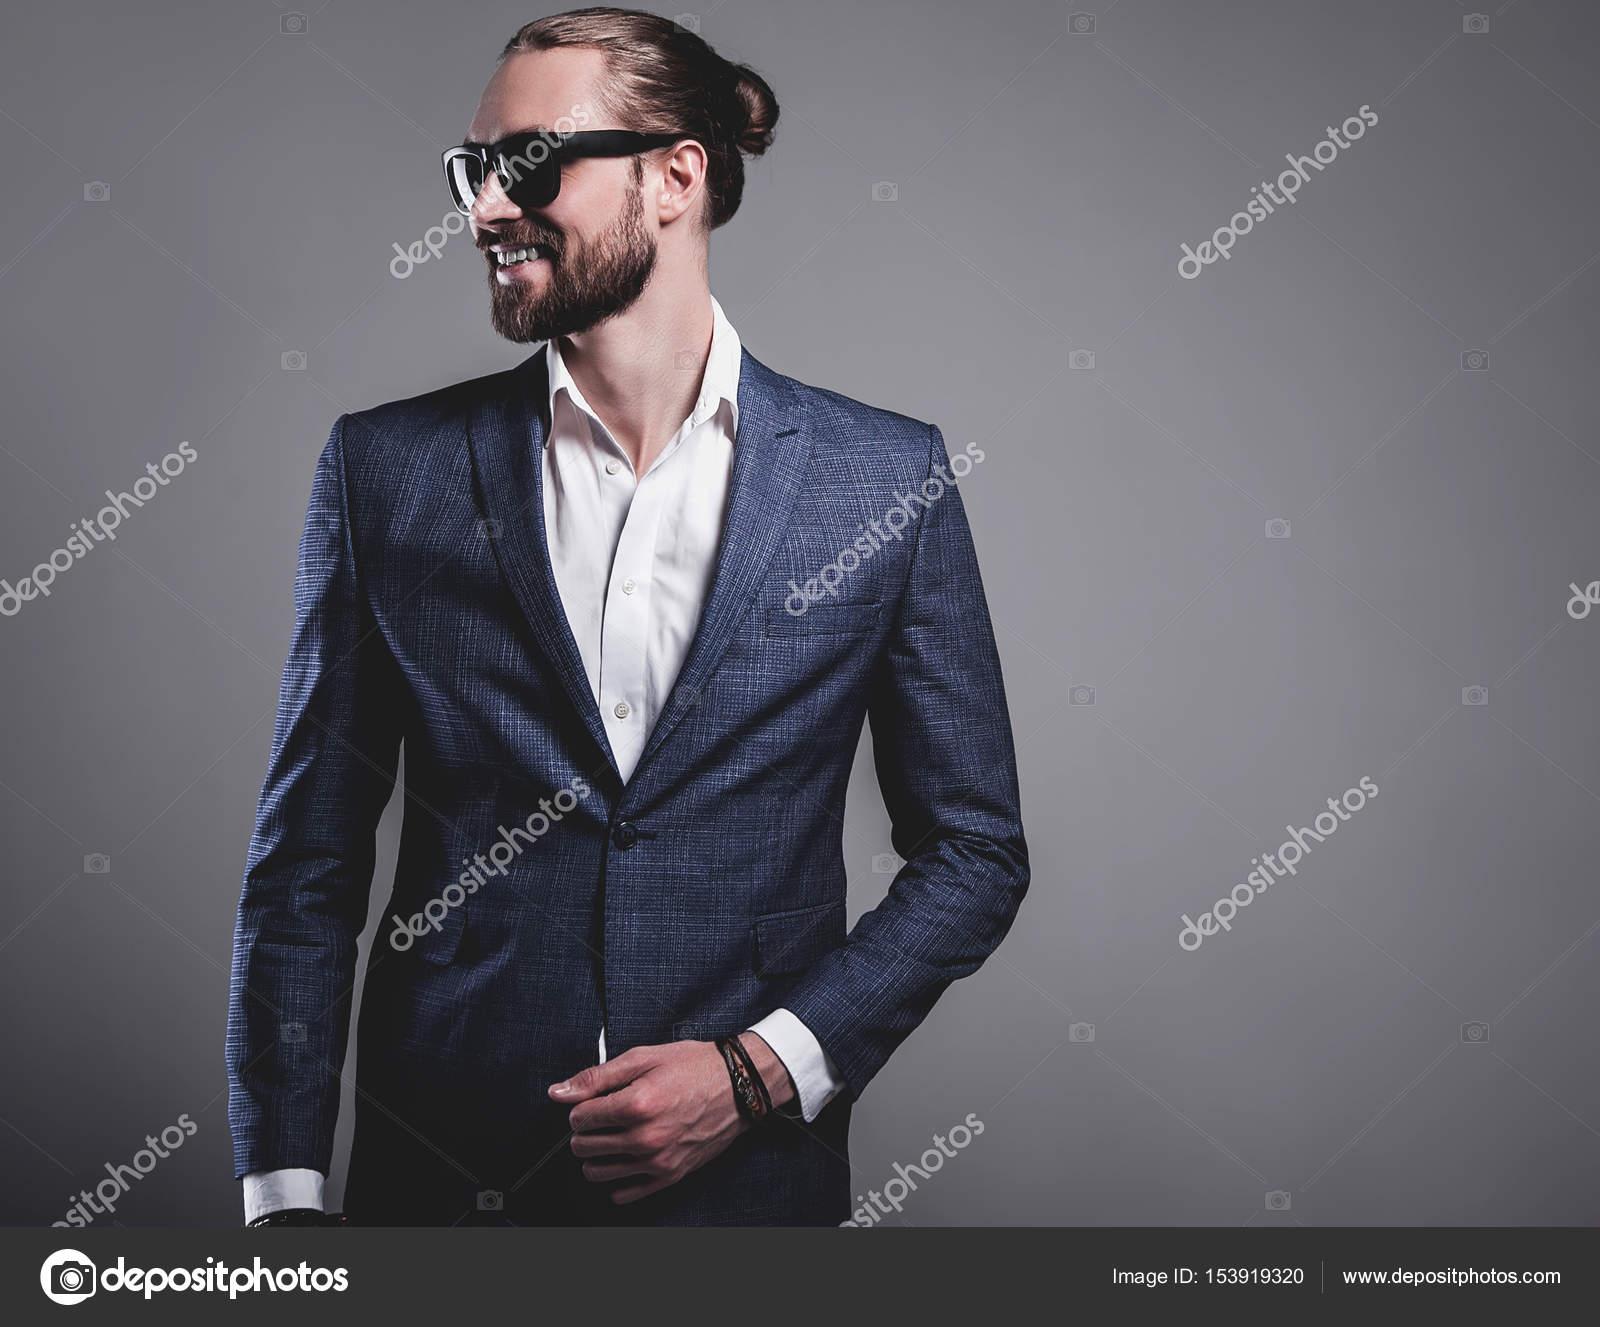 8676b6aa2 Retrato de hermosa moda hipster estilo empresario modelo vestido con elegante  traje azul en las gafas de sol posando sobre fondo gris en estudio — Foto  de ...